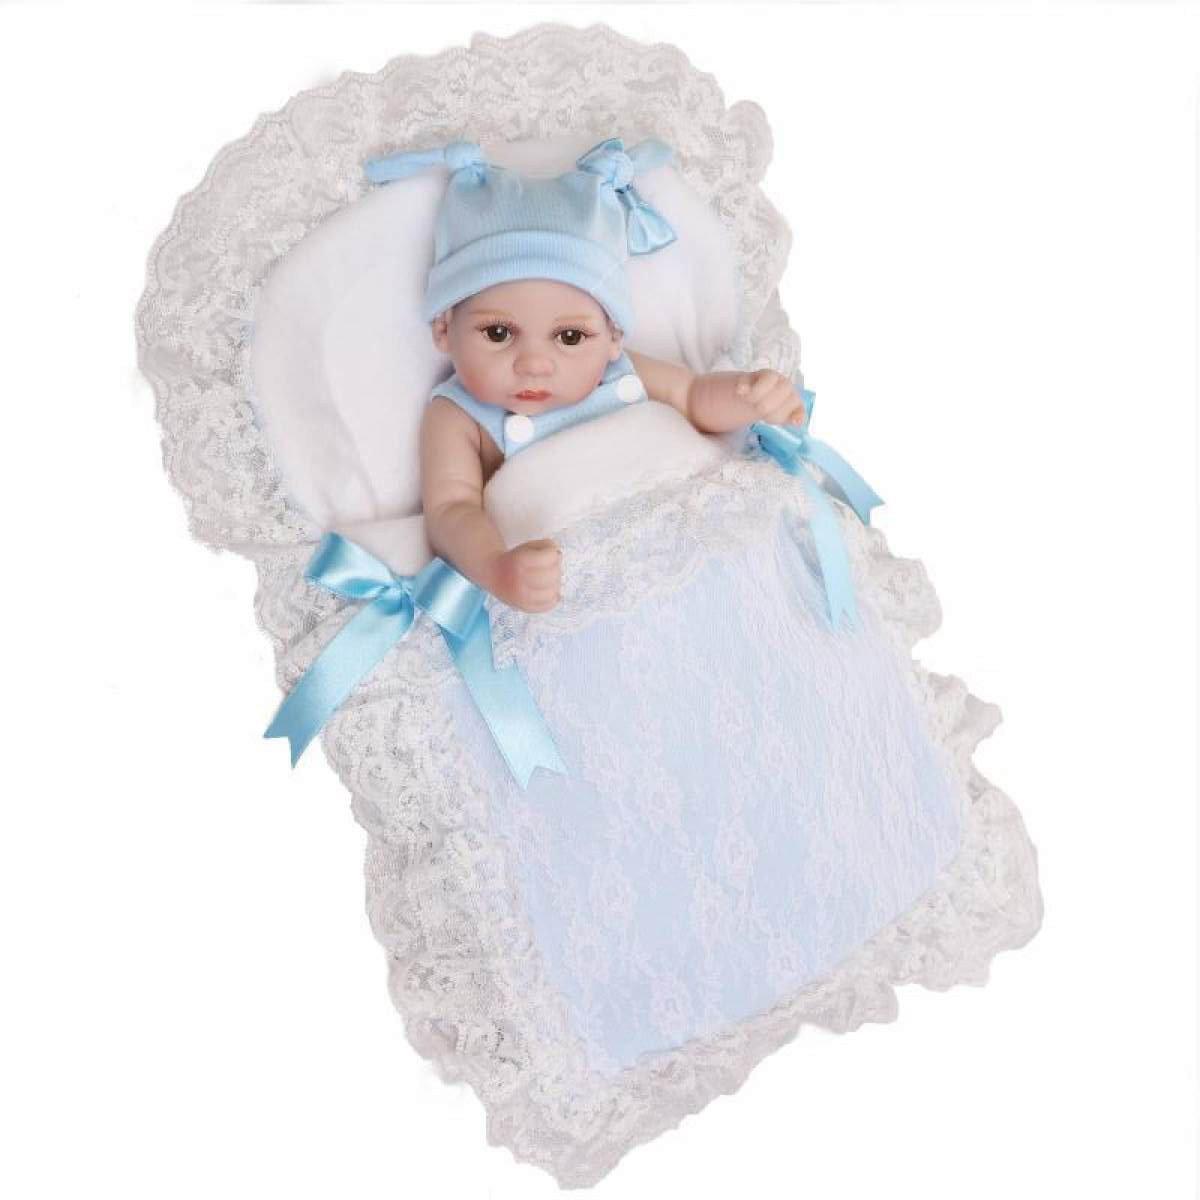 Twins Reborn Baby Dolls Hecho A Mano Realistic Silicone Vinyl Baby Doll Soft Simulation 10 Pulgadas 26 Cm Puede Estar En El Agua,Boy